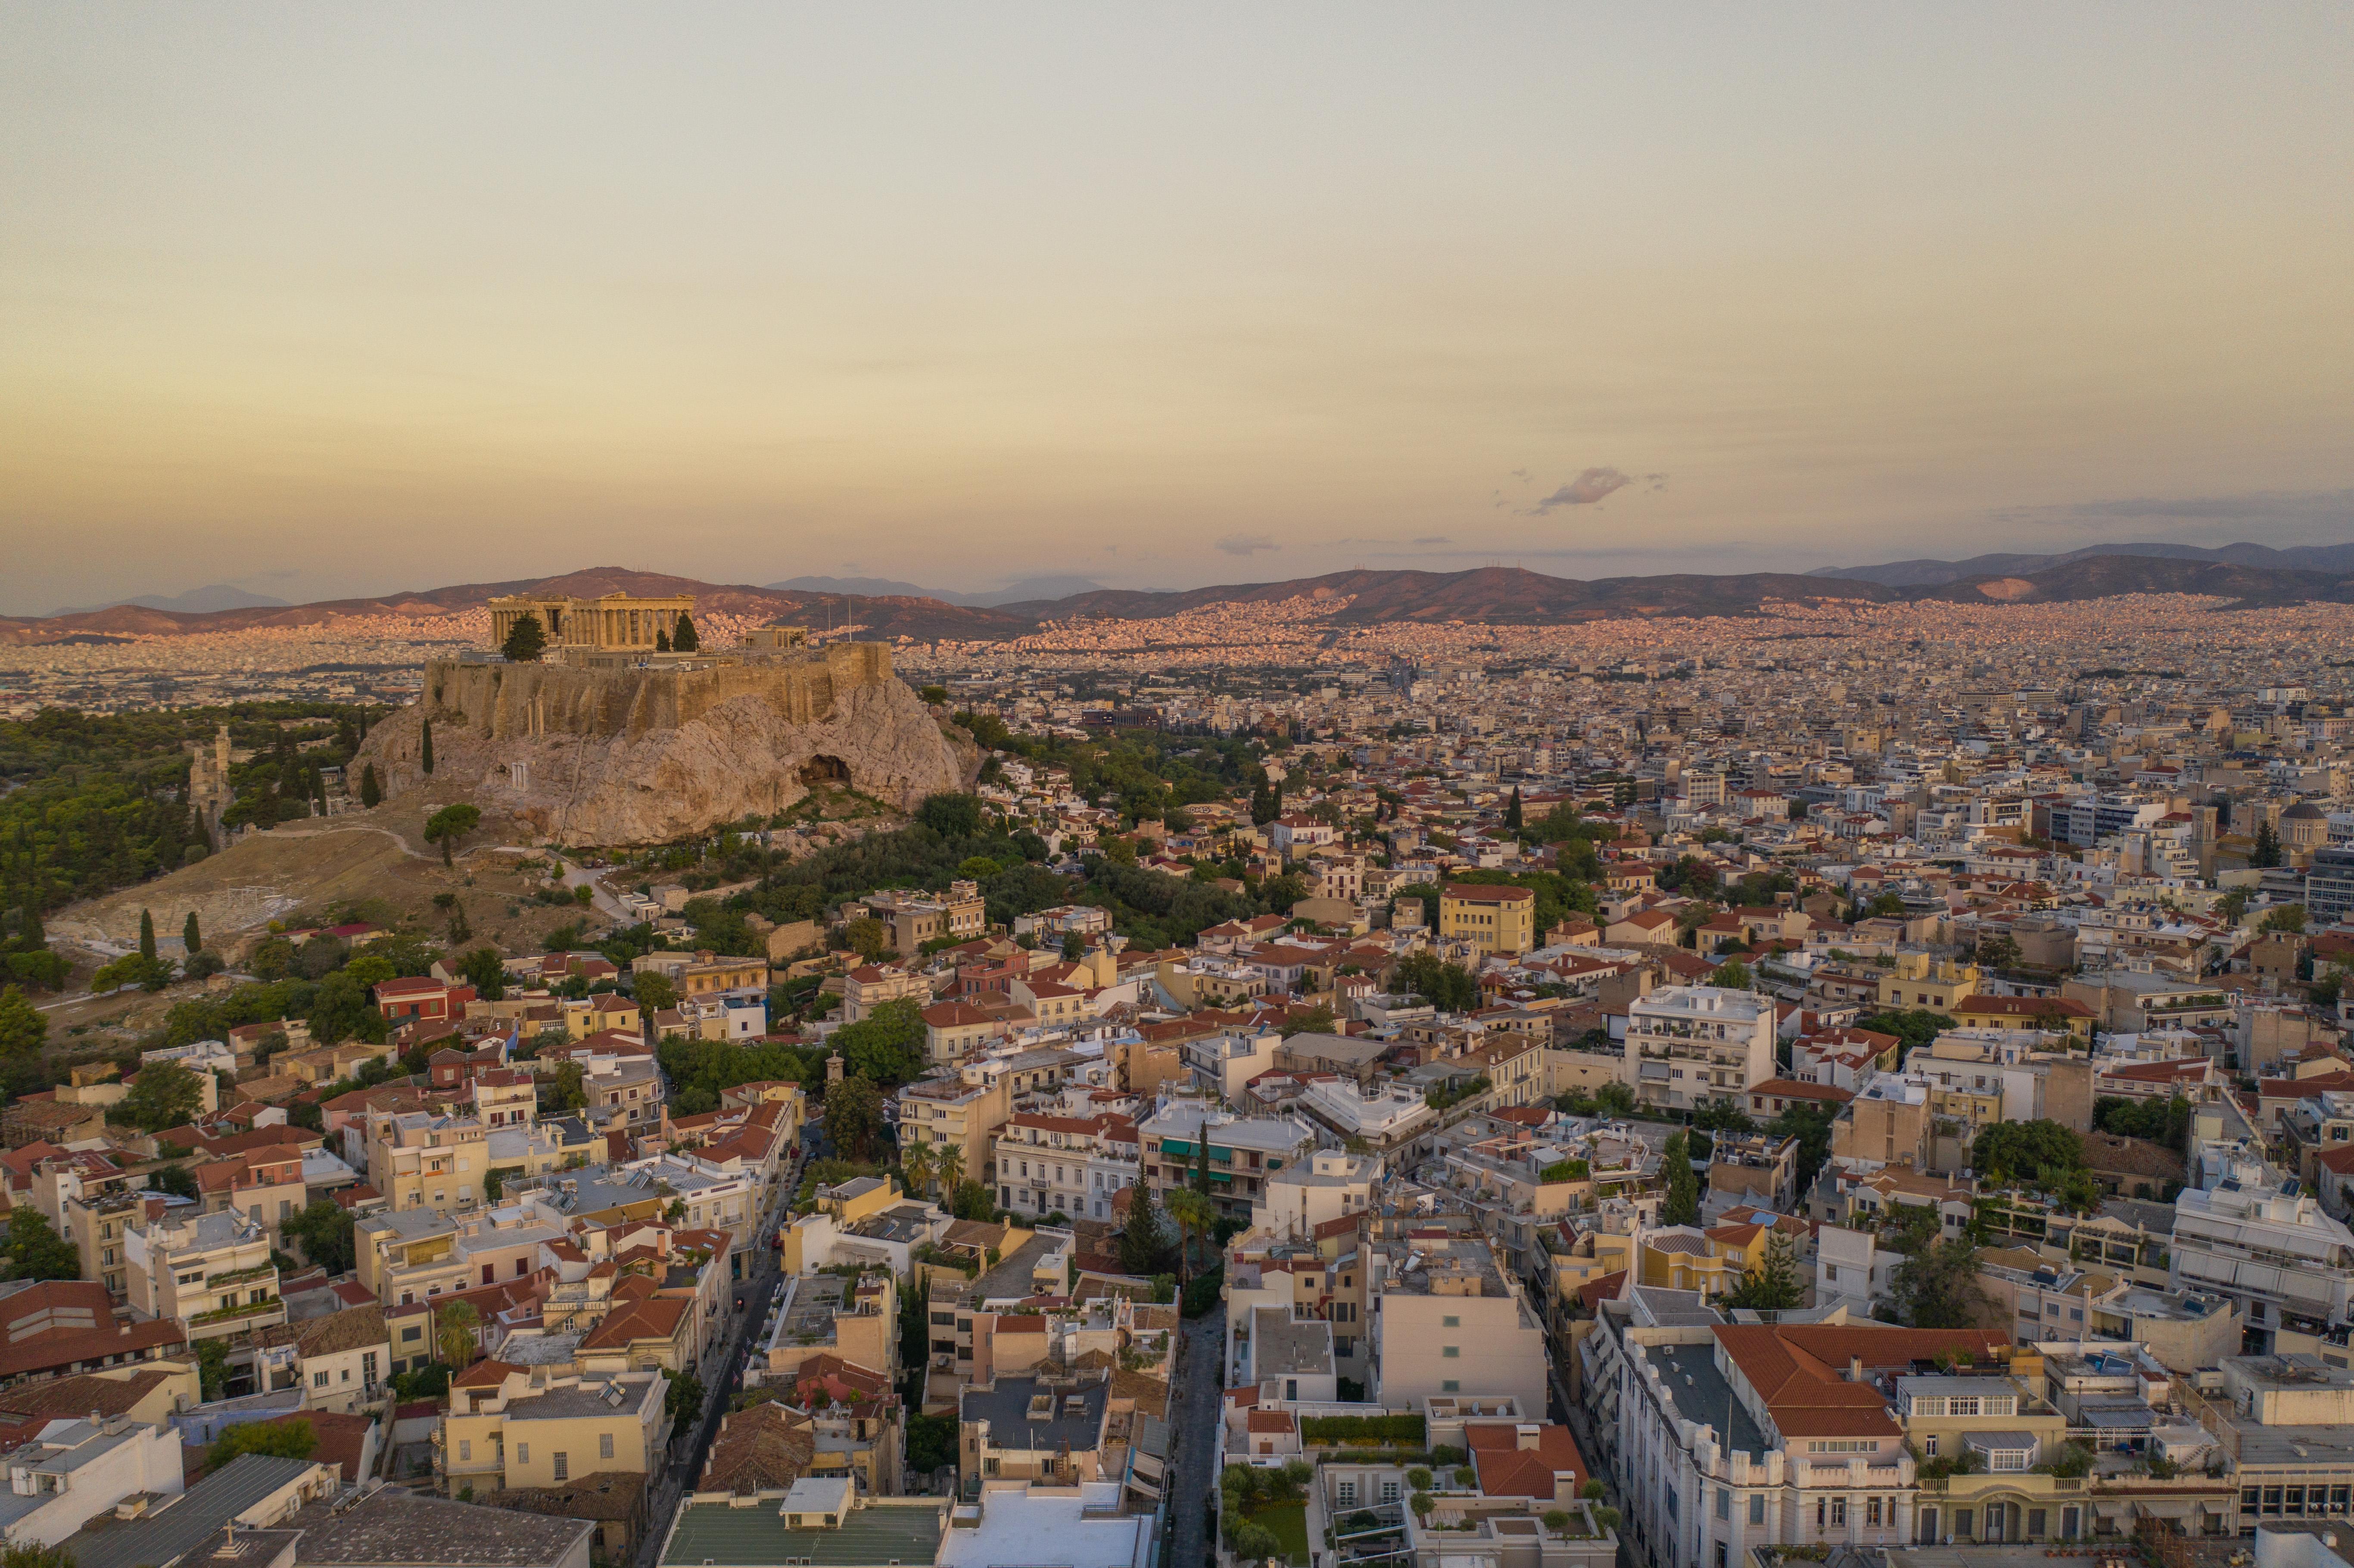 Gcrèe/Athenes